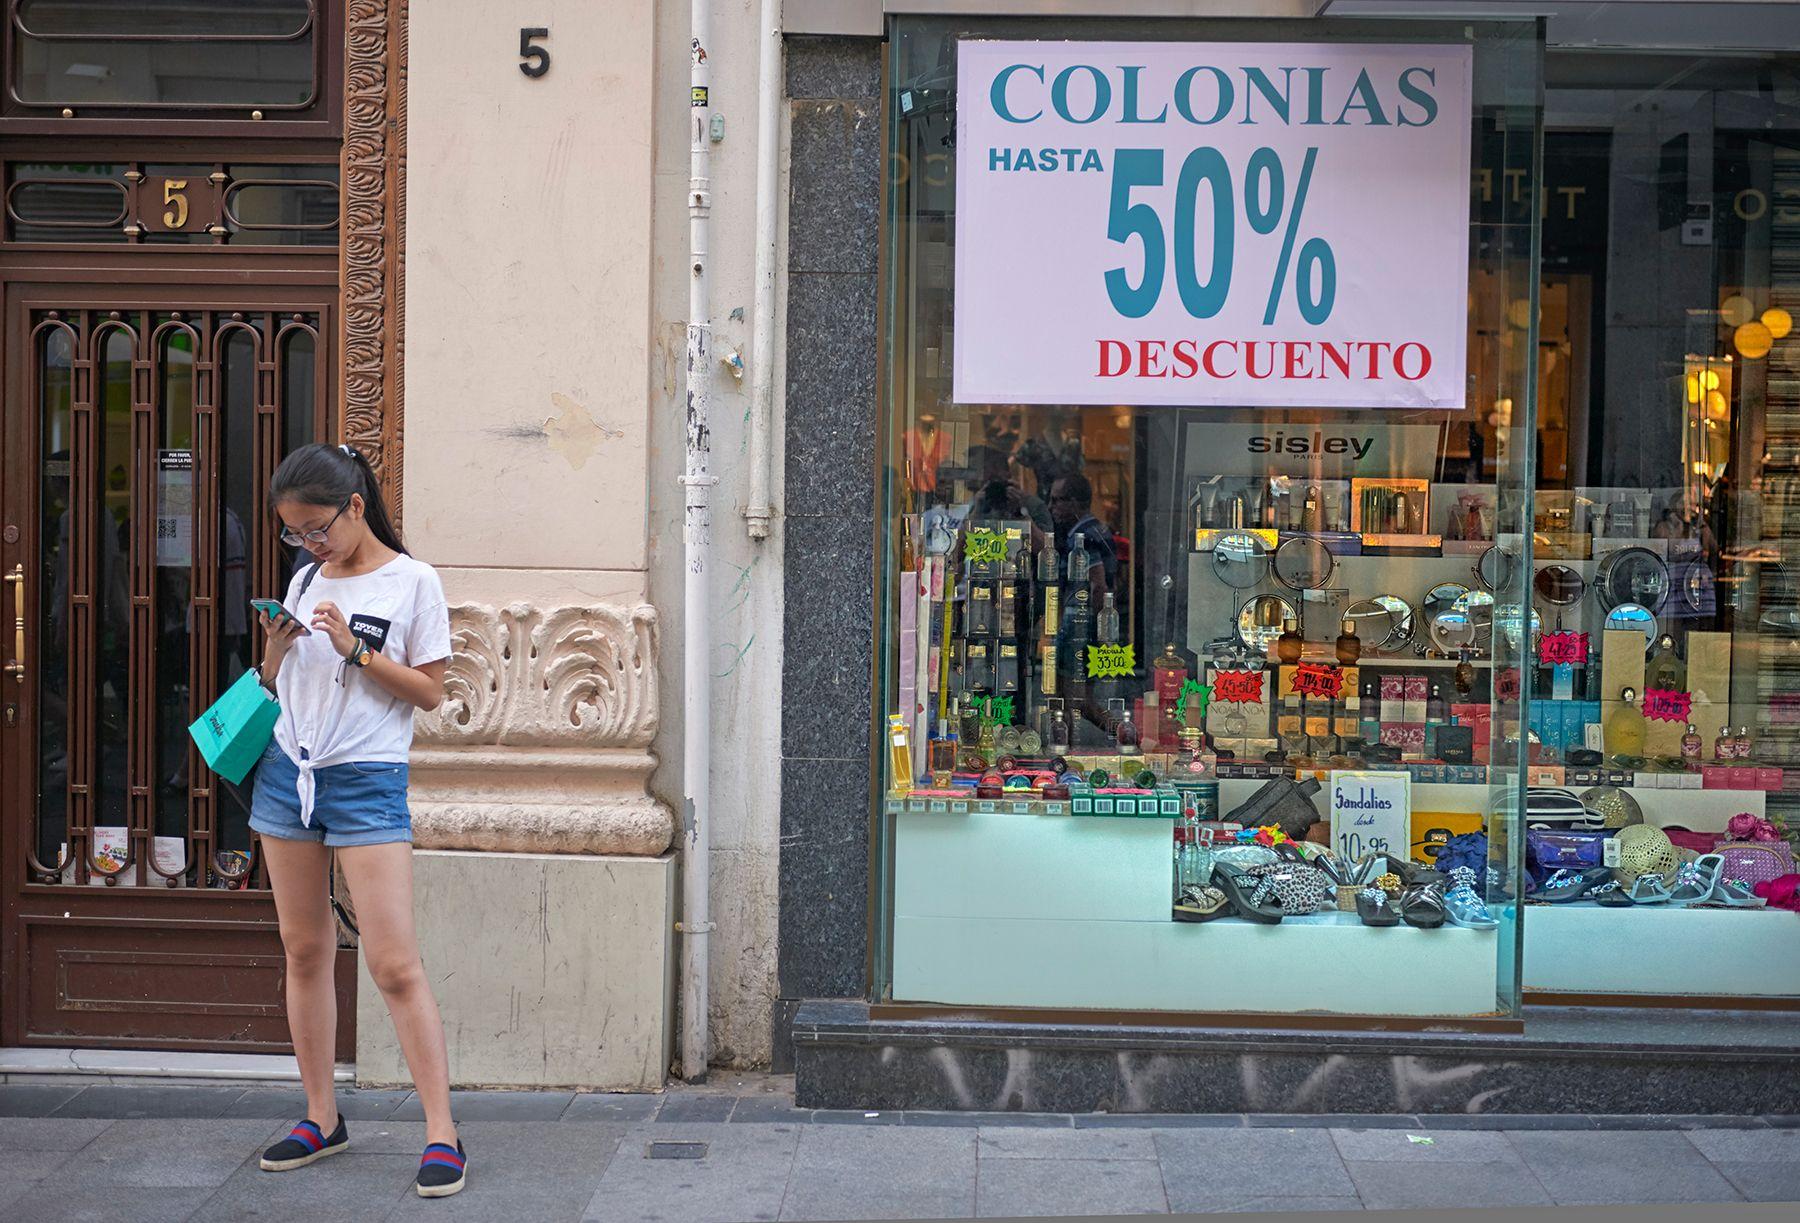 Colonias hasta 50% descuento